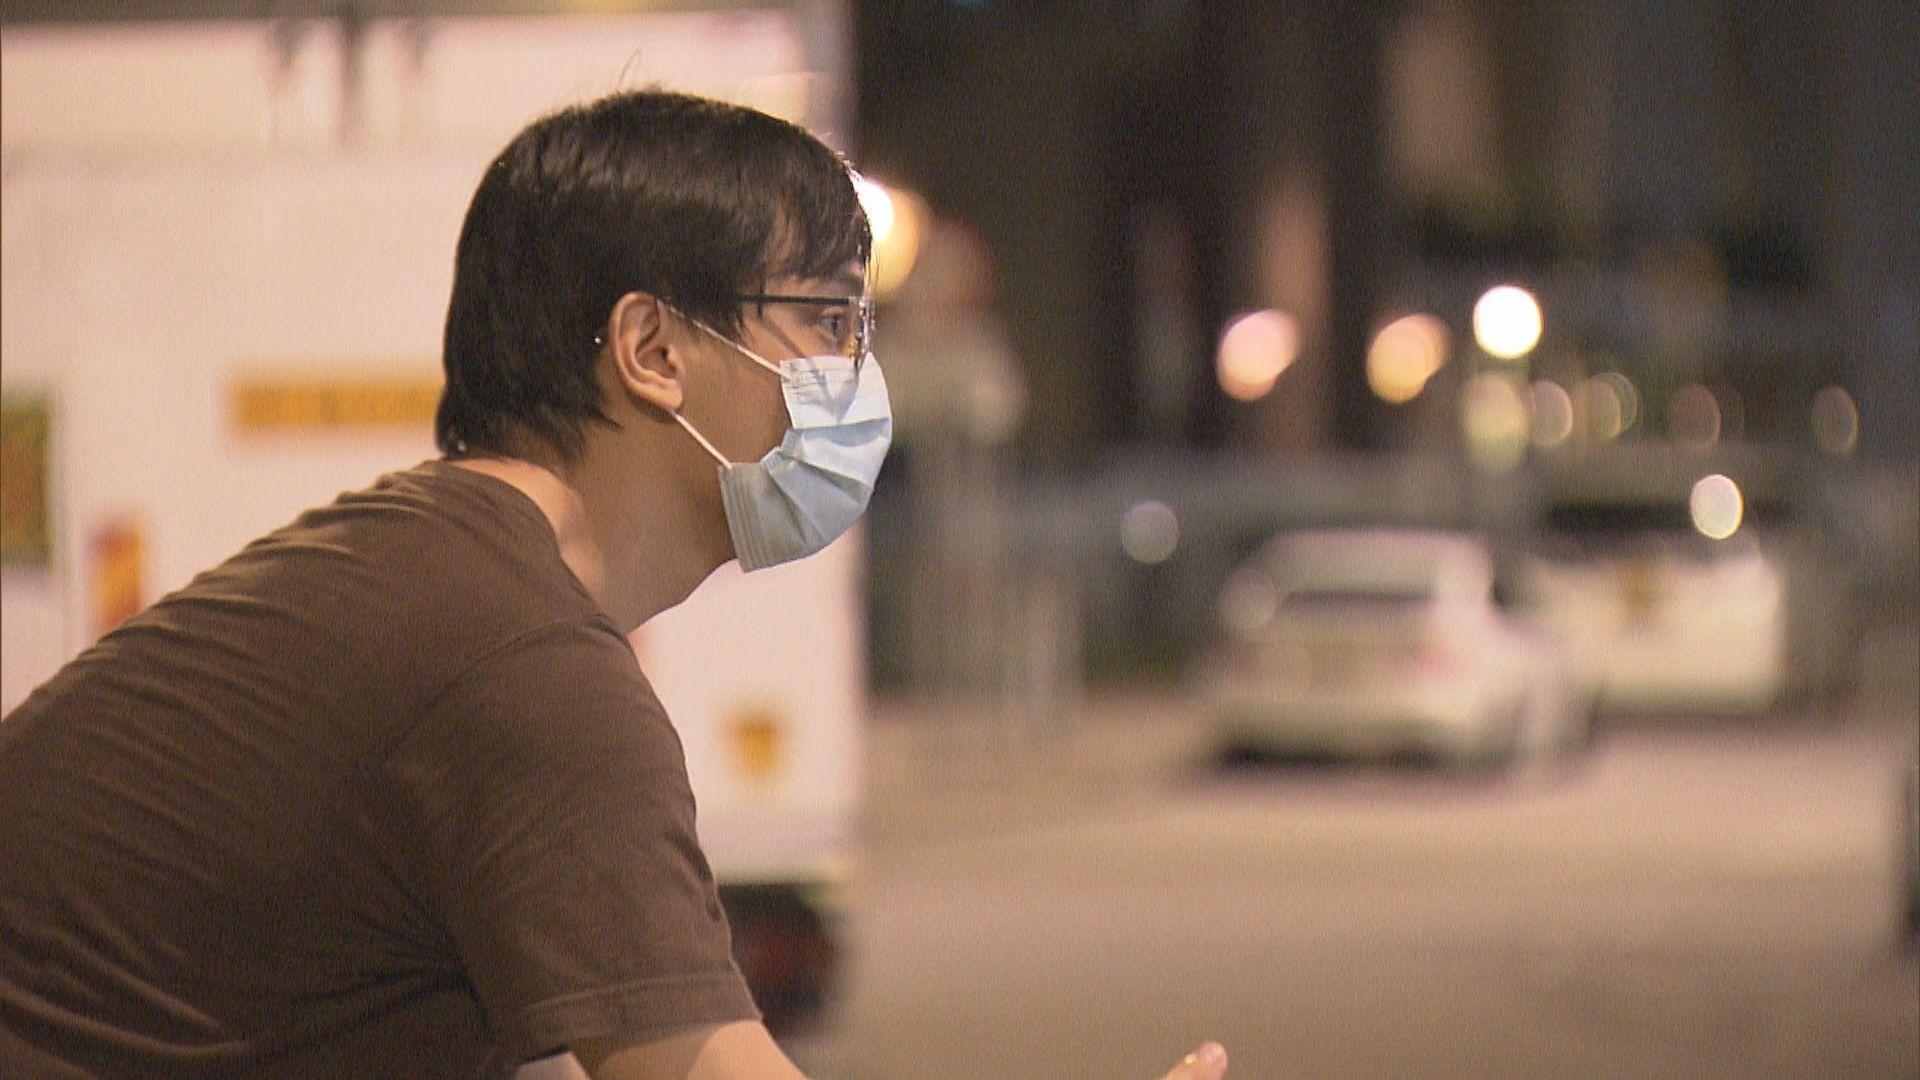 【事發兩年】721襲擊事件傷者感真相未還原 追討無門難以釋懷